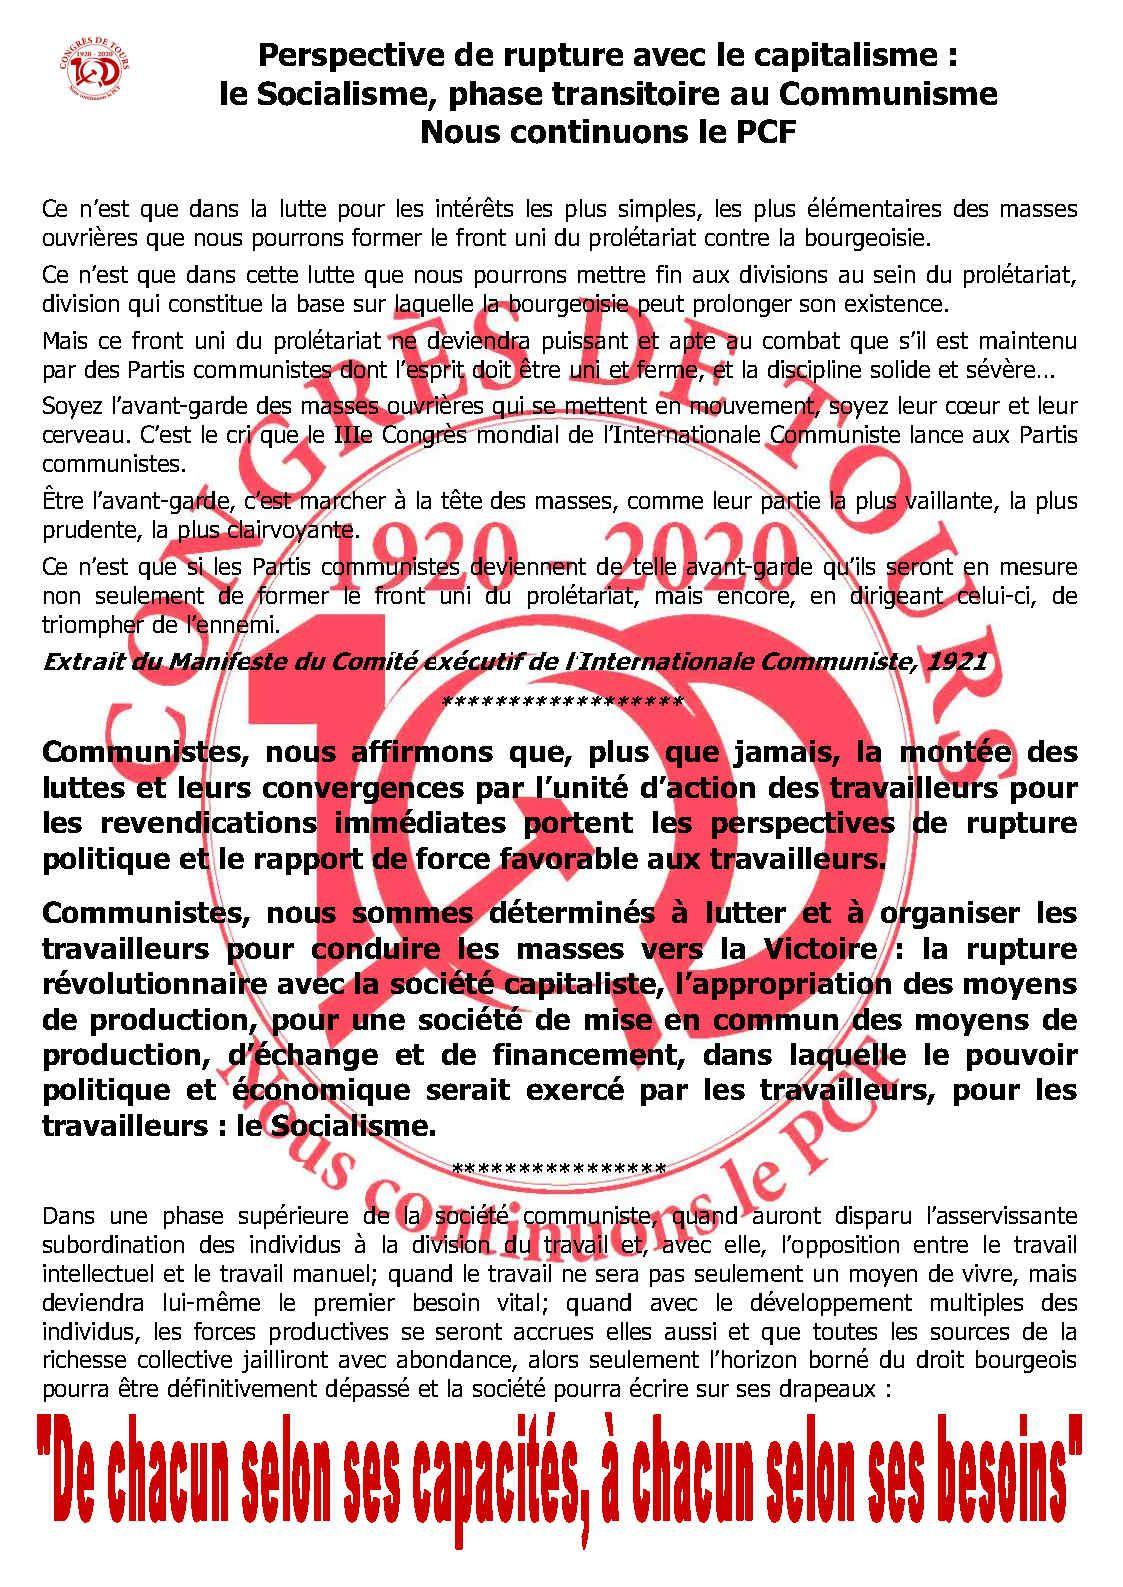 1920 - 2020. Congrès de Tours. 100 ans de lutte anticapitaliste - 21